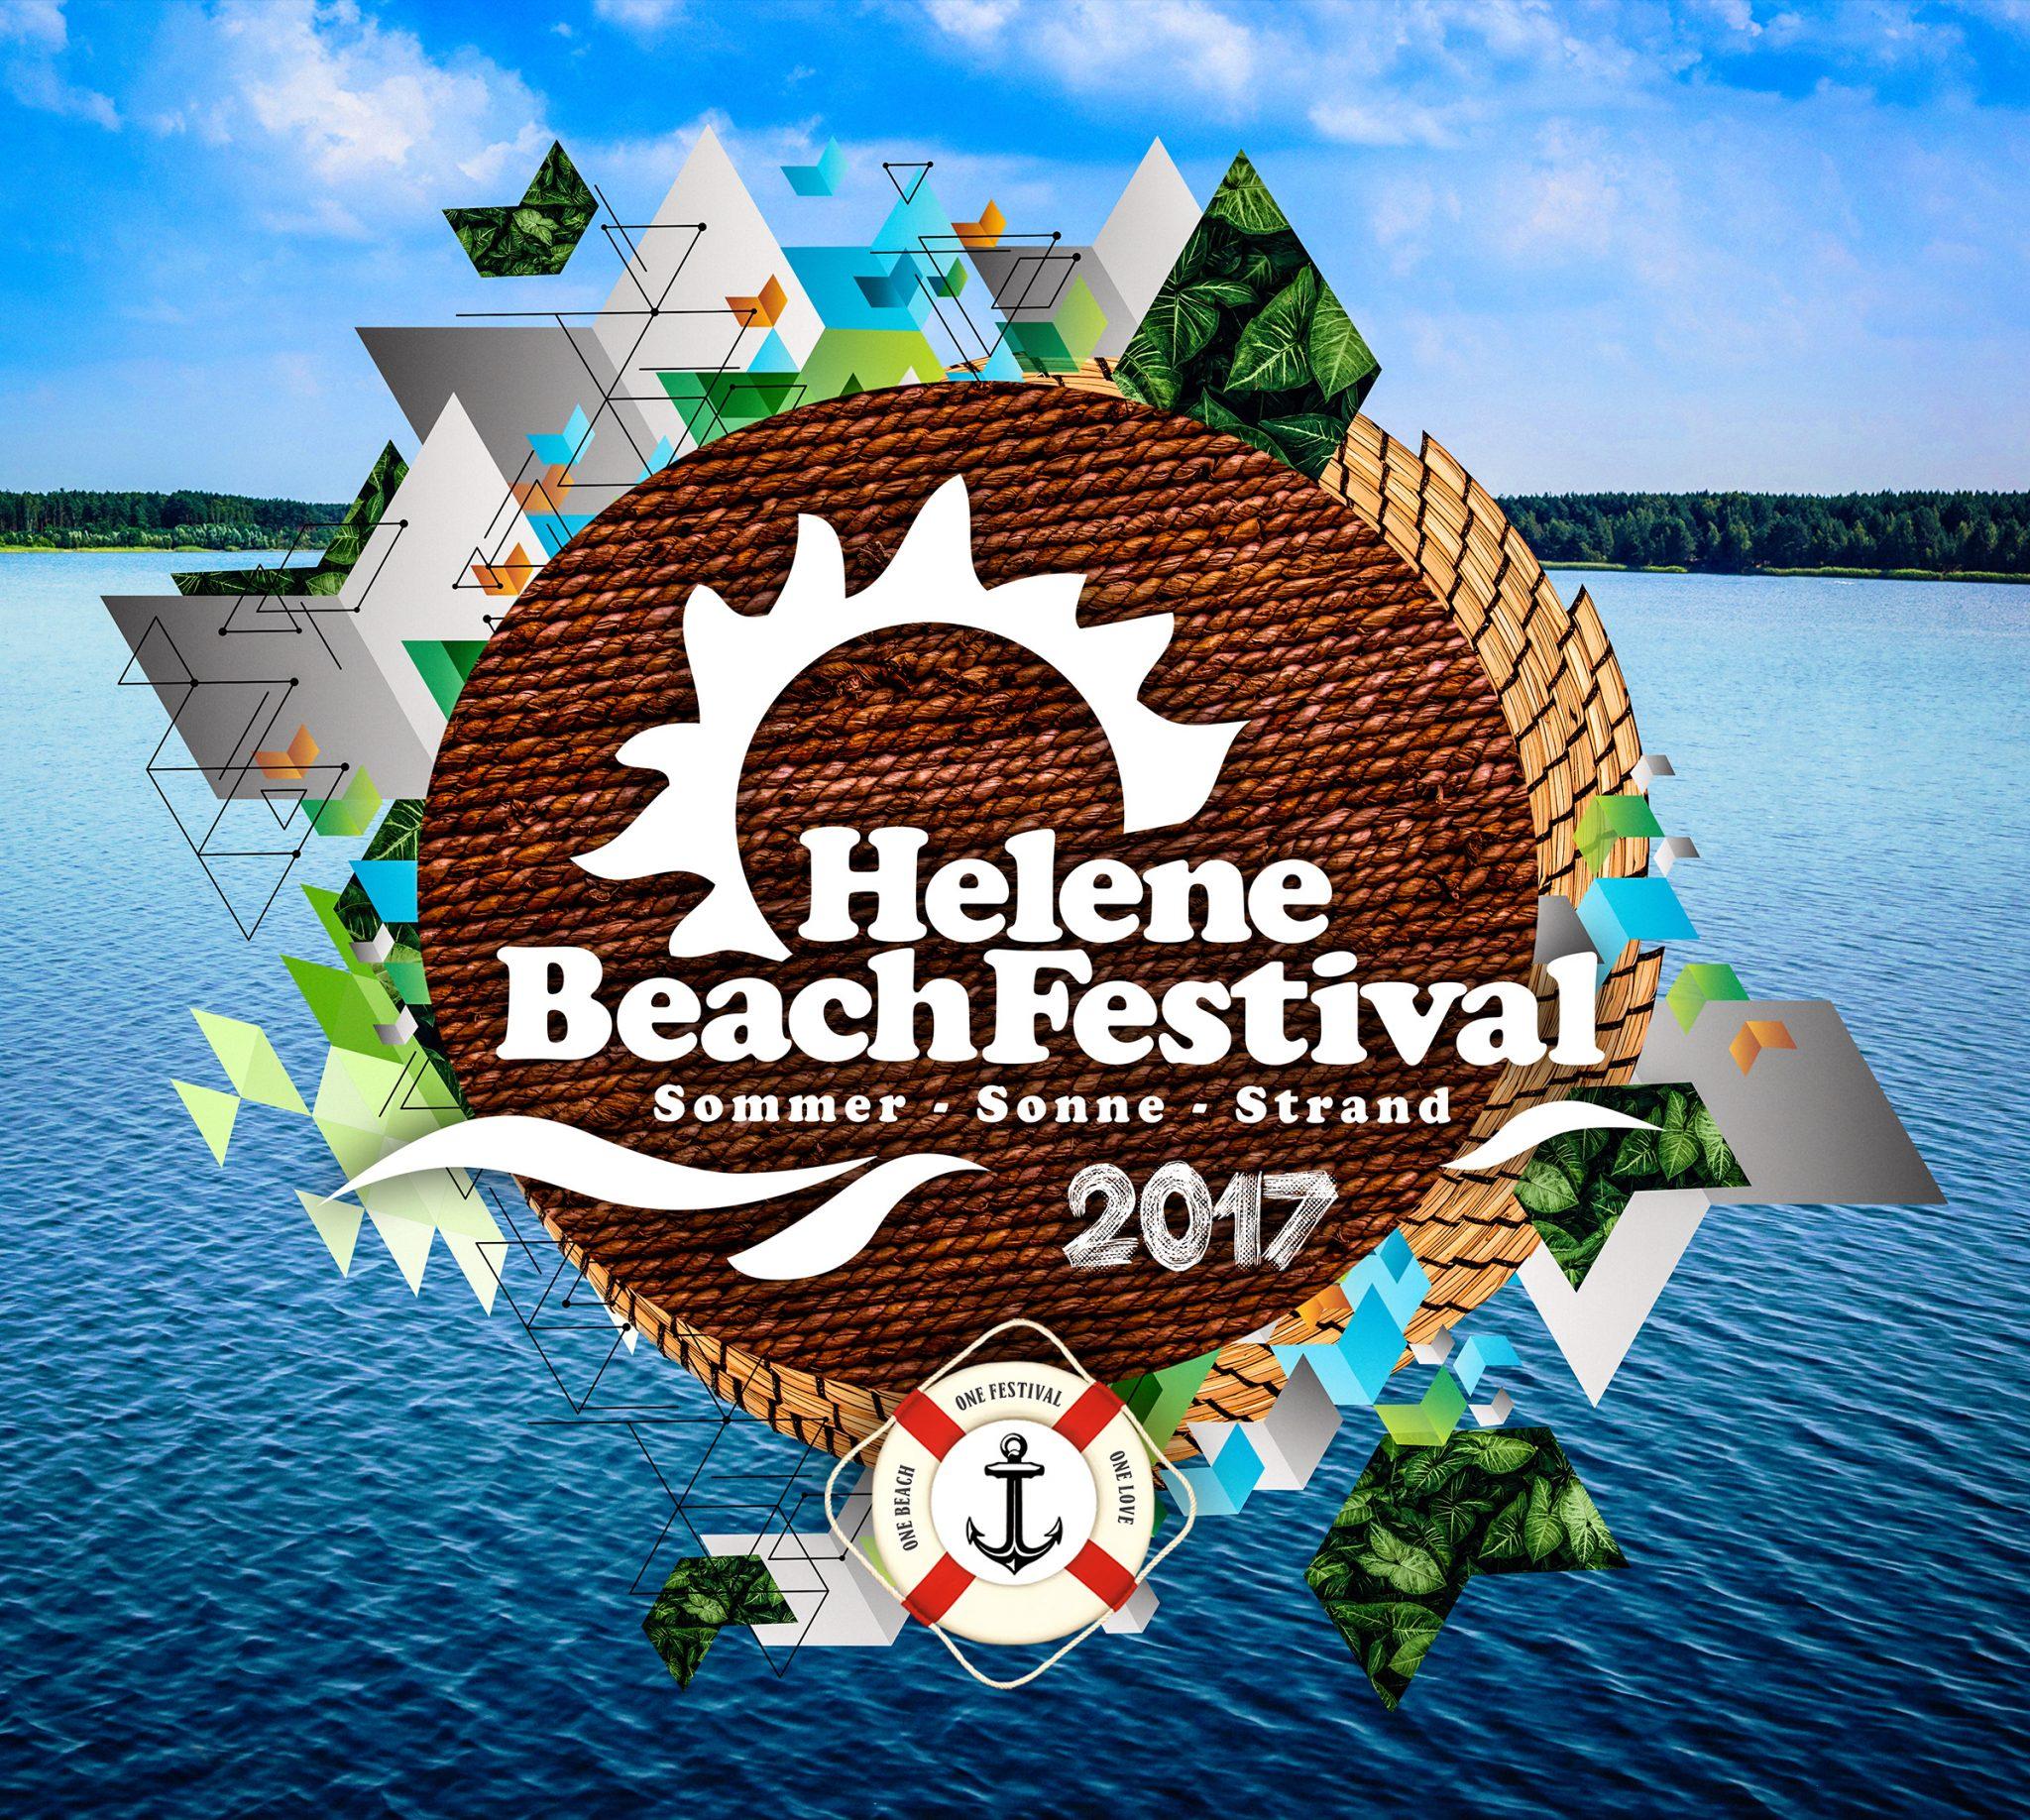 Sommer, Sonne, Strand - Helene Beach Festival 2017 Compilation